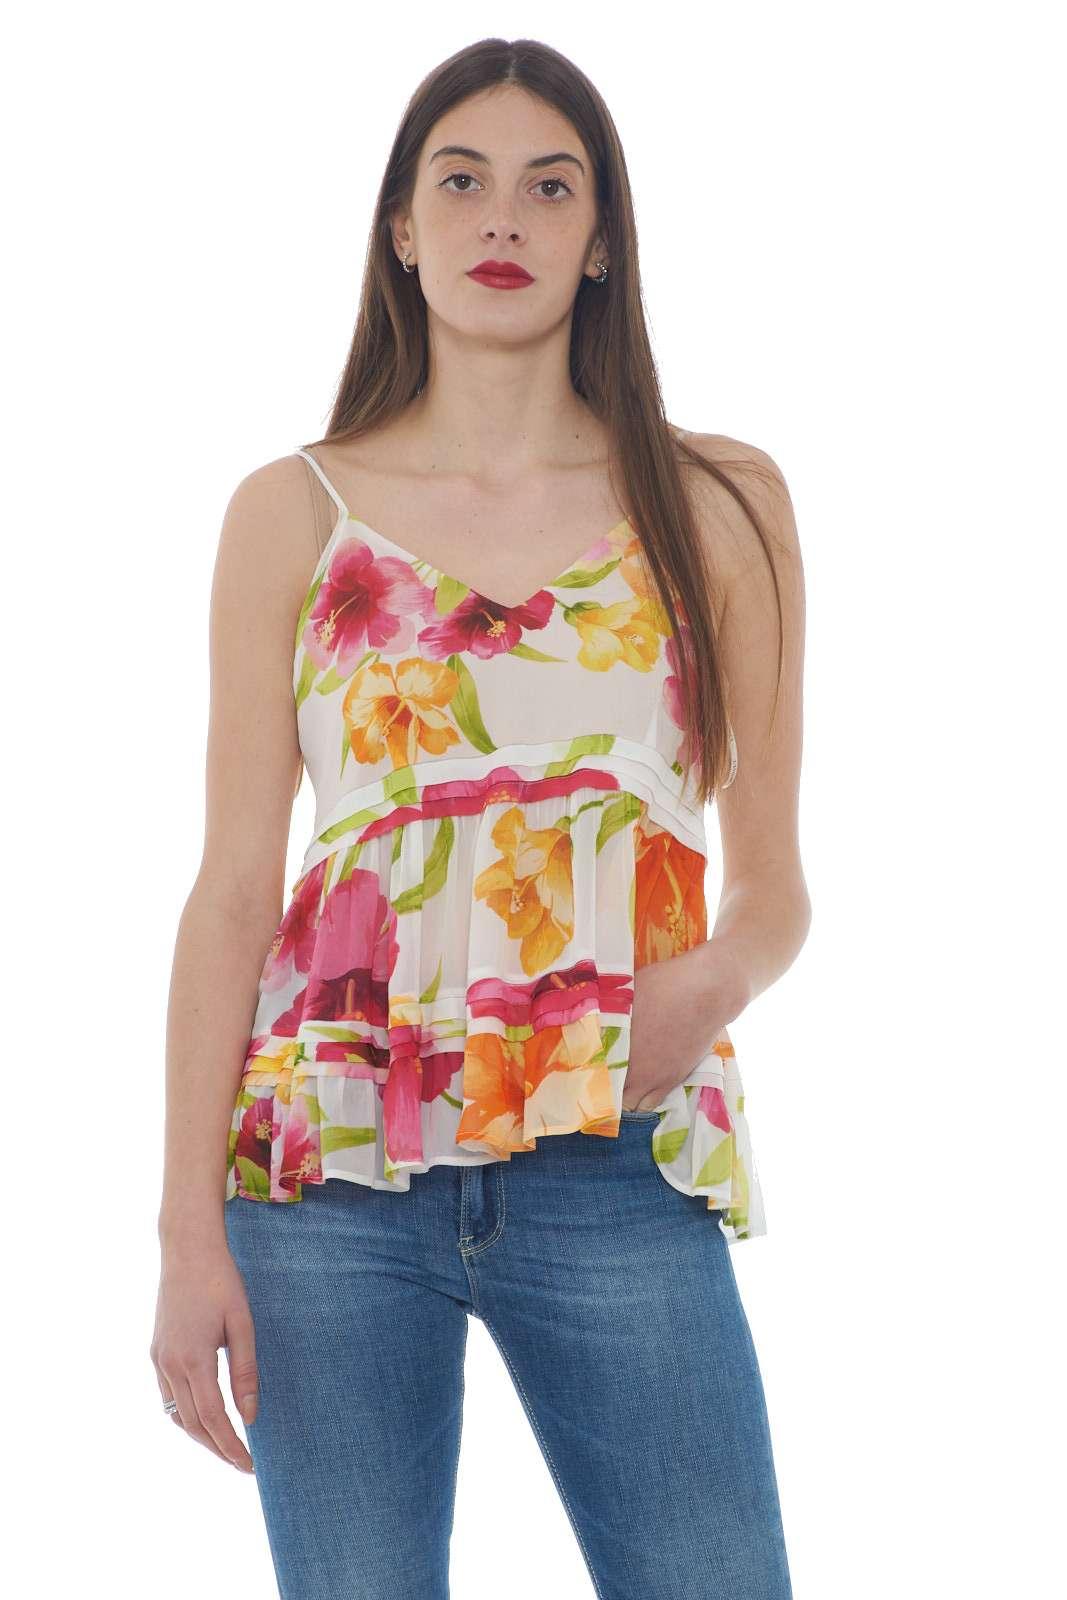 https://www.parmax.com/media/catalog/product/a/i/PE-outlet_parmax-top-donna-Twin-Set-201tt2490-A.jpg